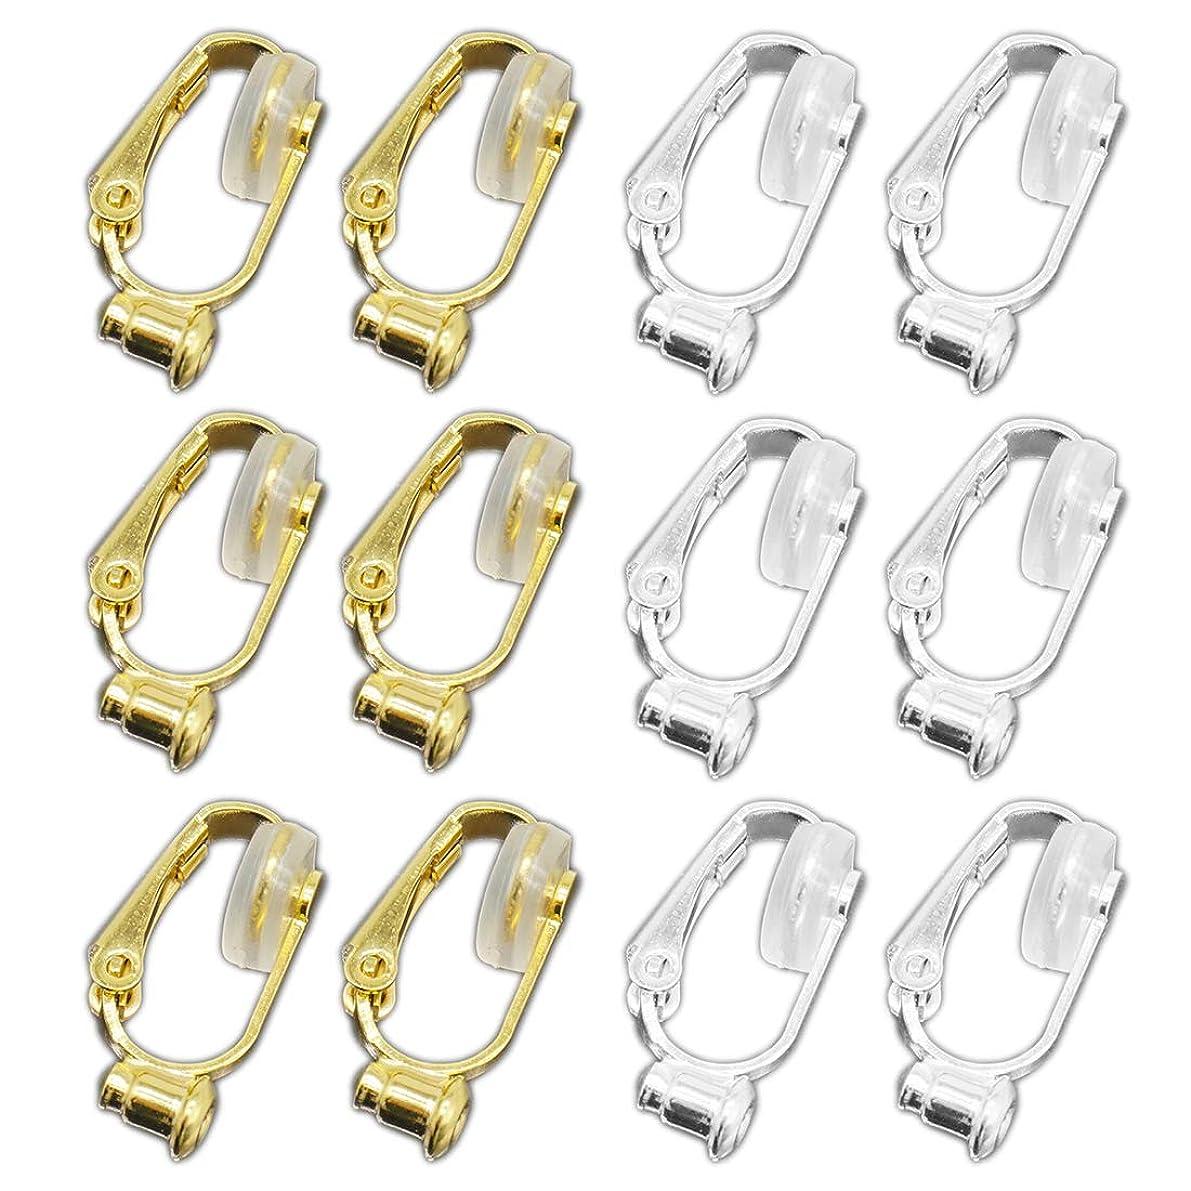 デジタル王室チートイヤリングコンバーター クリップ式 横型 ゴールド シルバー 2色6ペア シリコン カバー付き ノンホールコンバーター